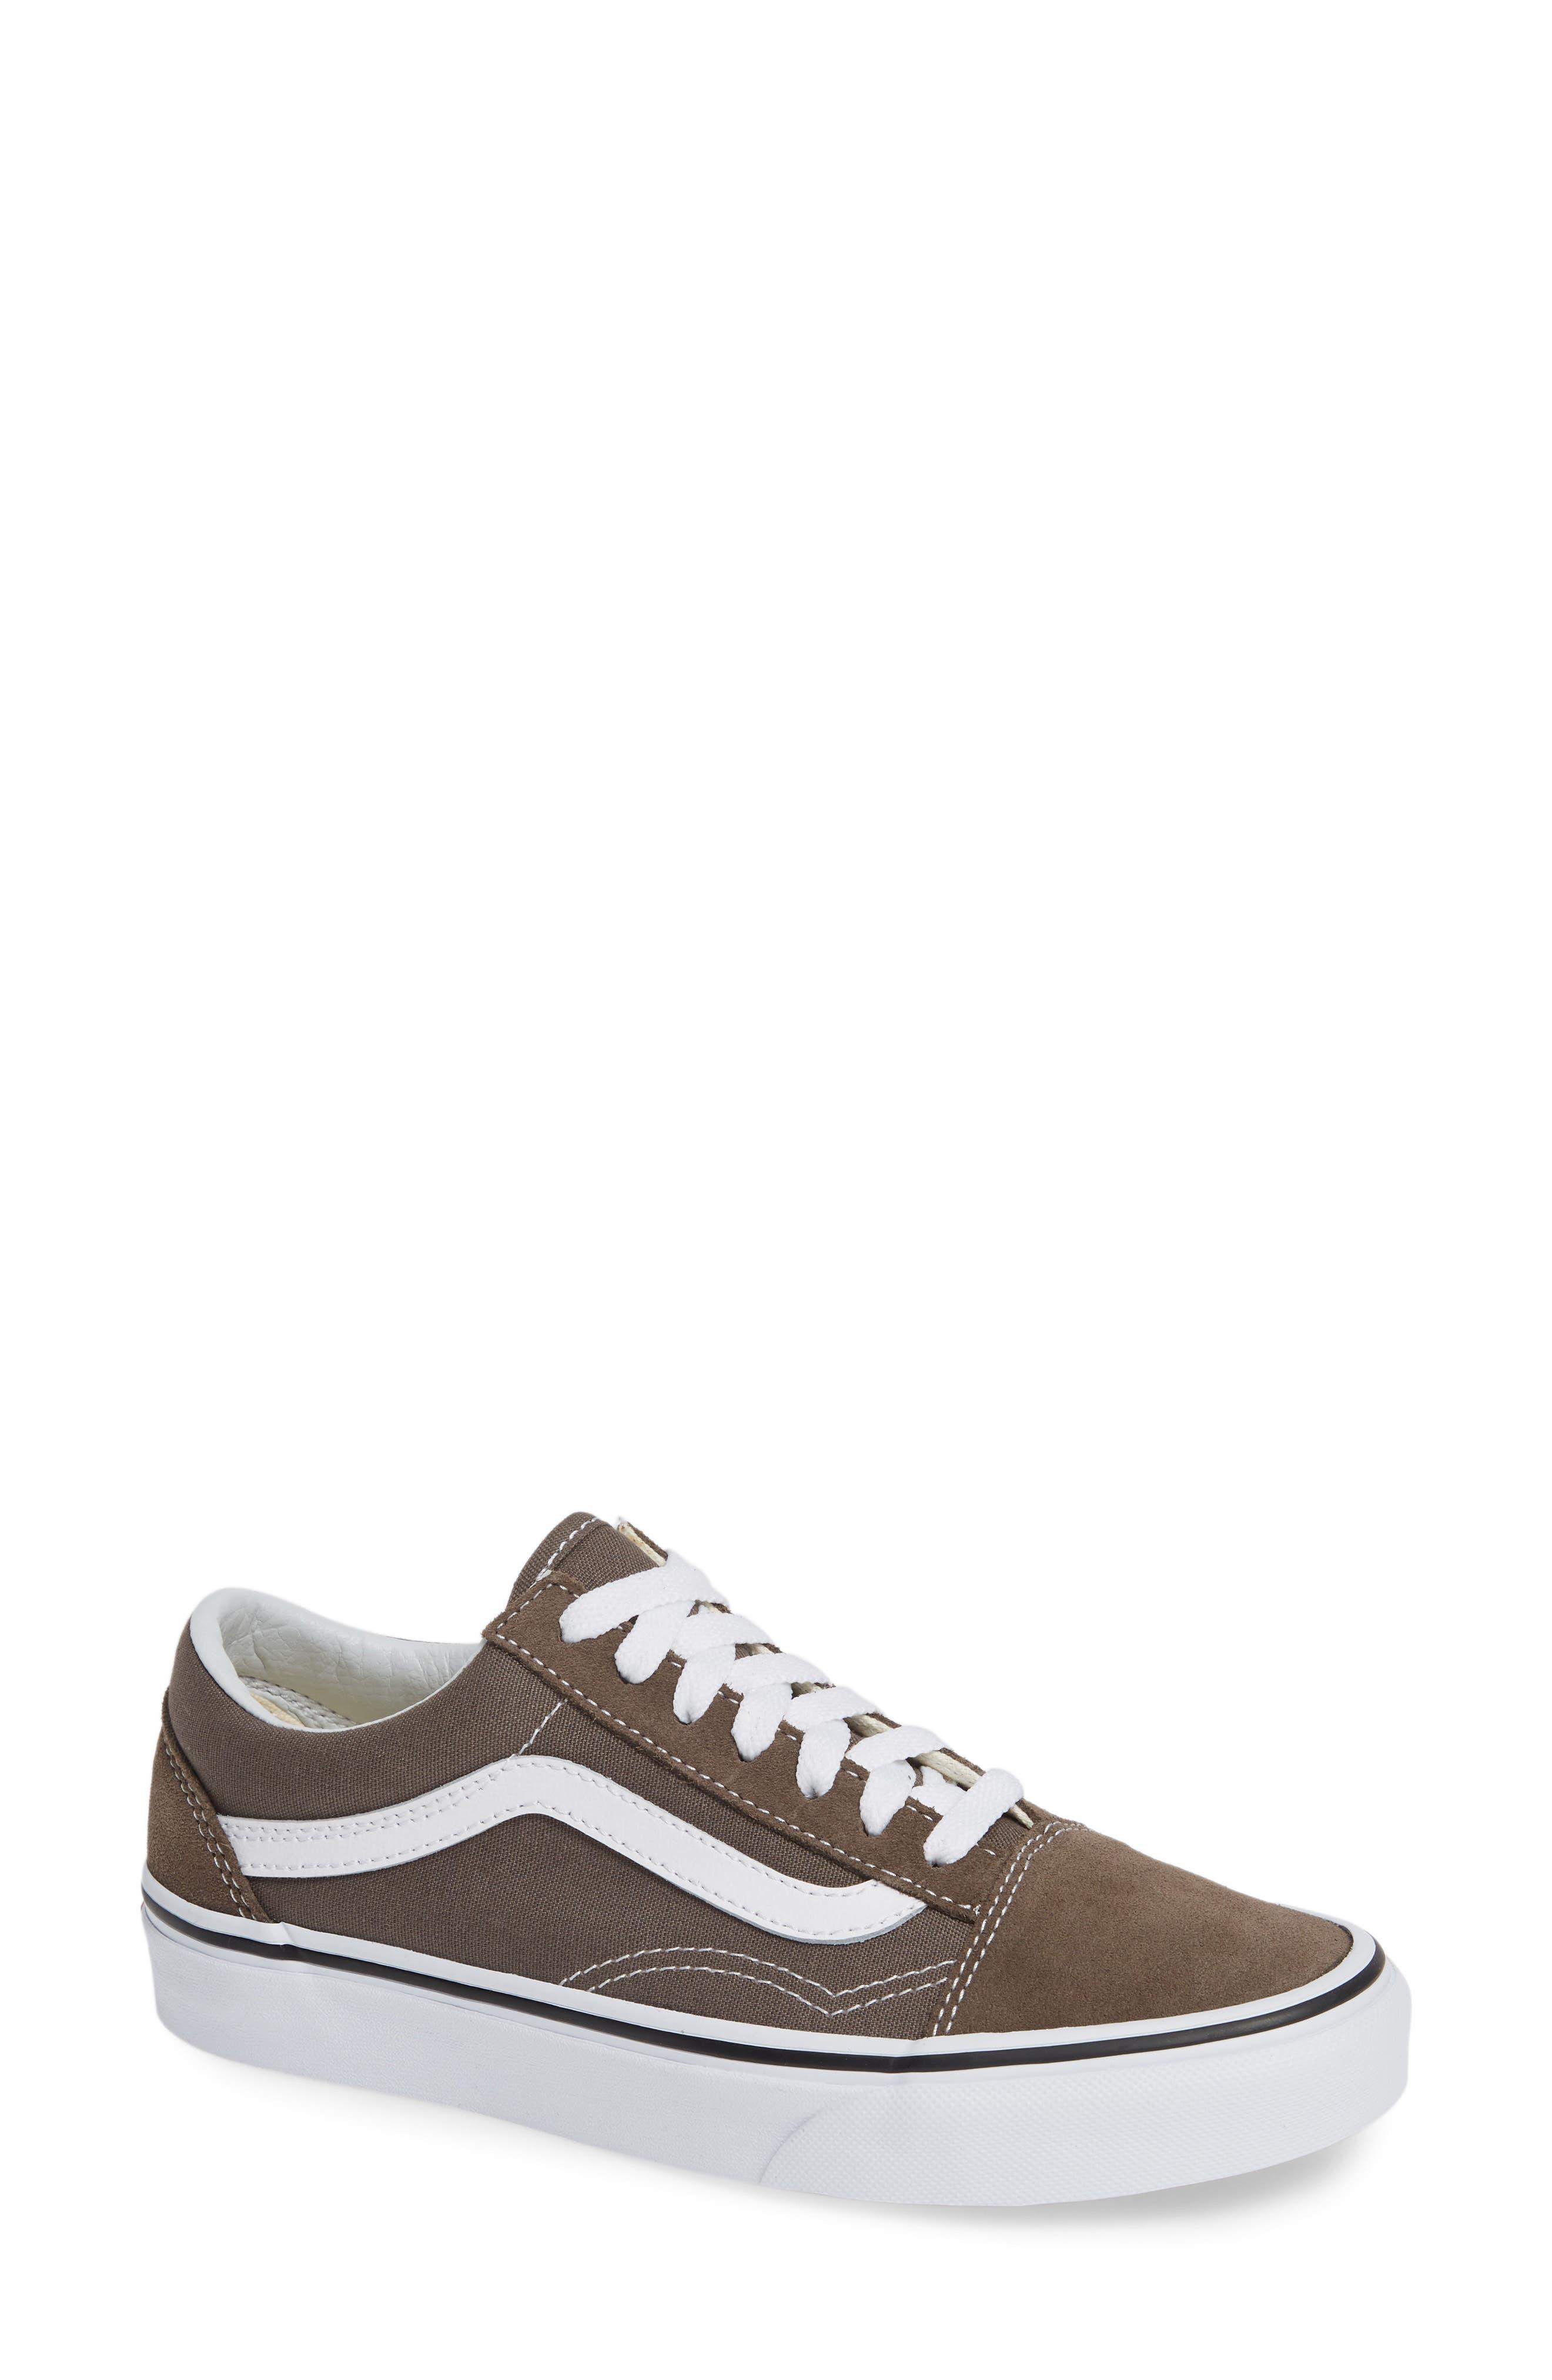 Vans Old Skool Sneaker In Falcon/ True